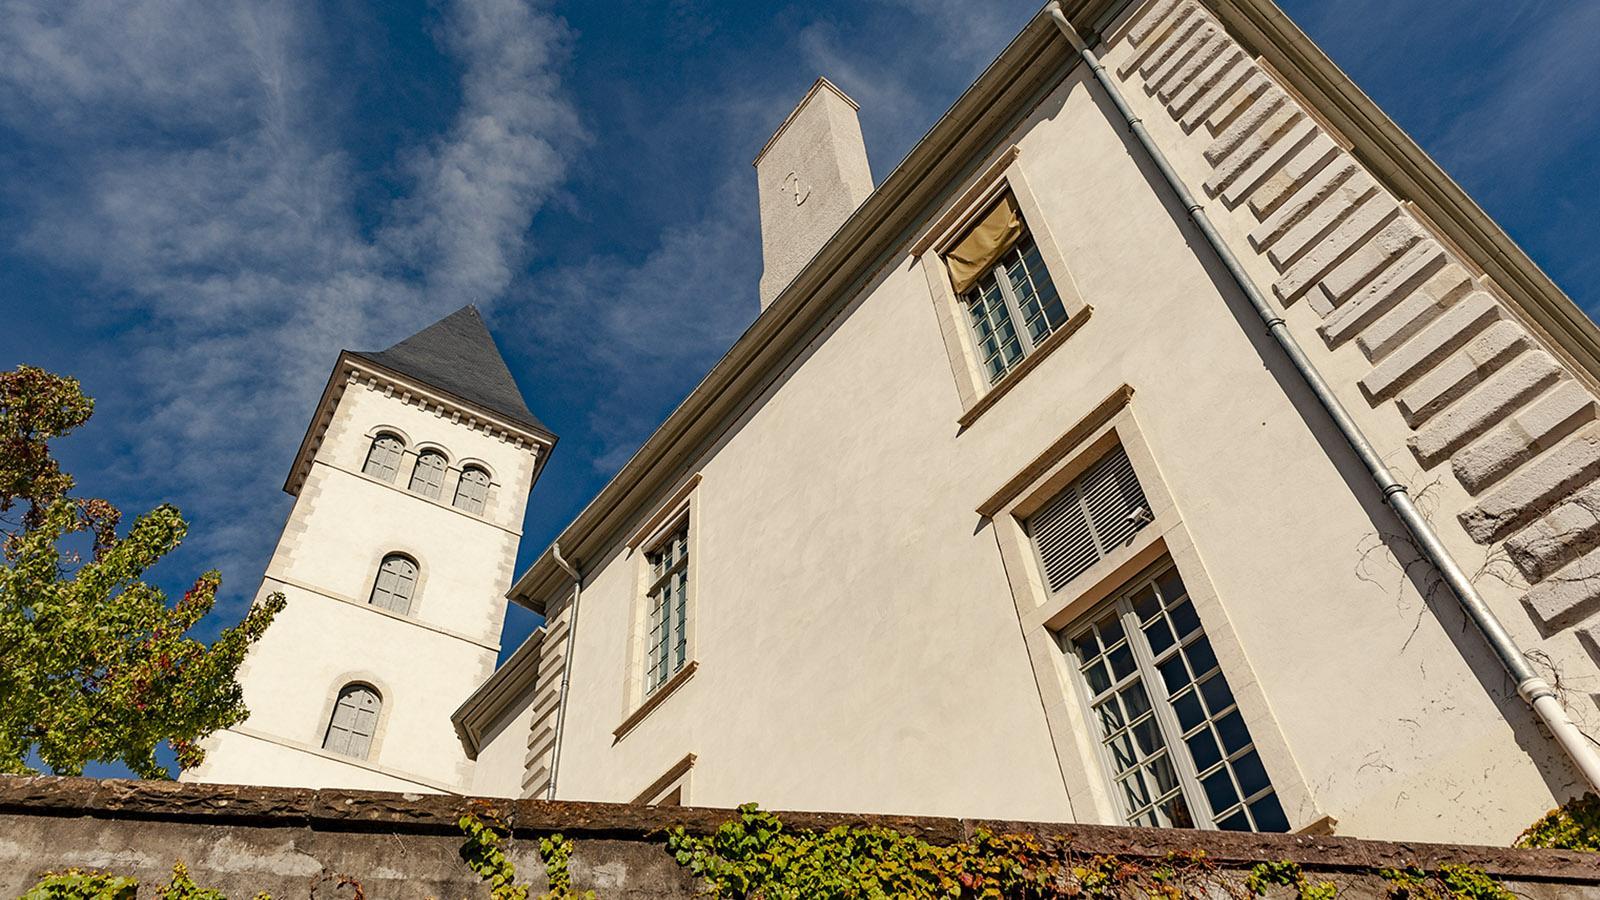 Pau: das einstige Parlament von Navarra. Foto: Hike Maunder